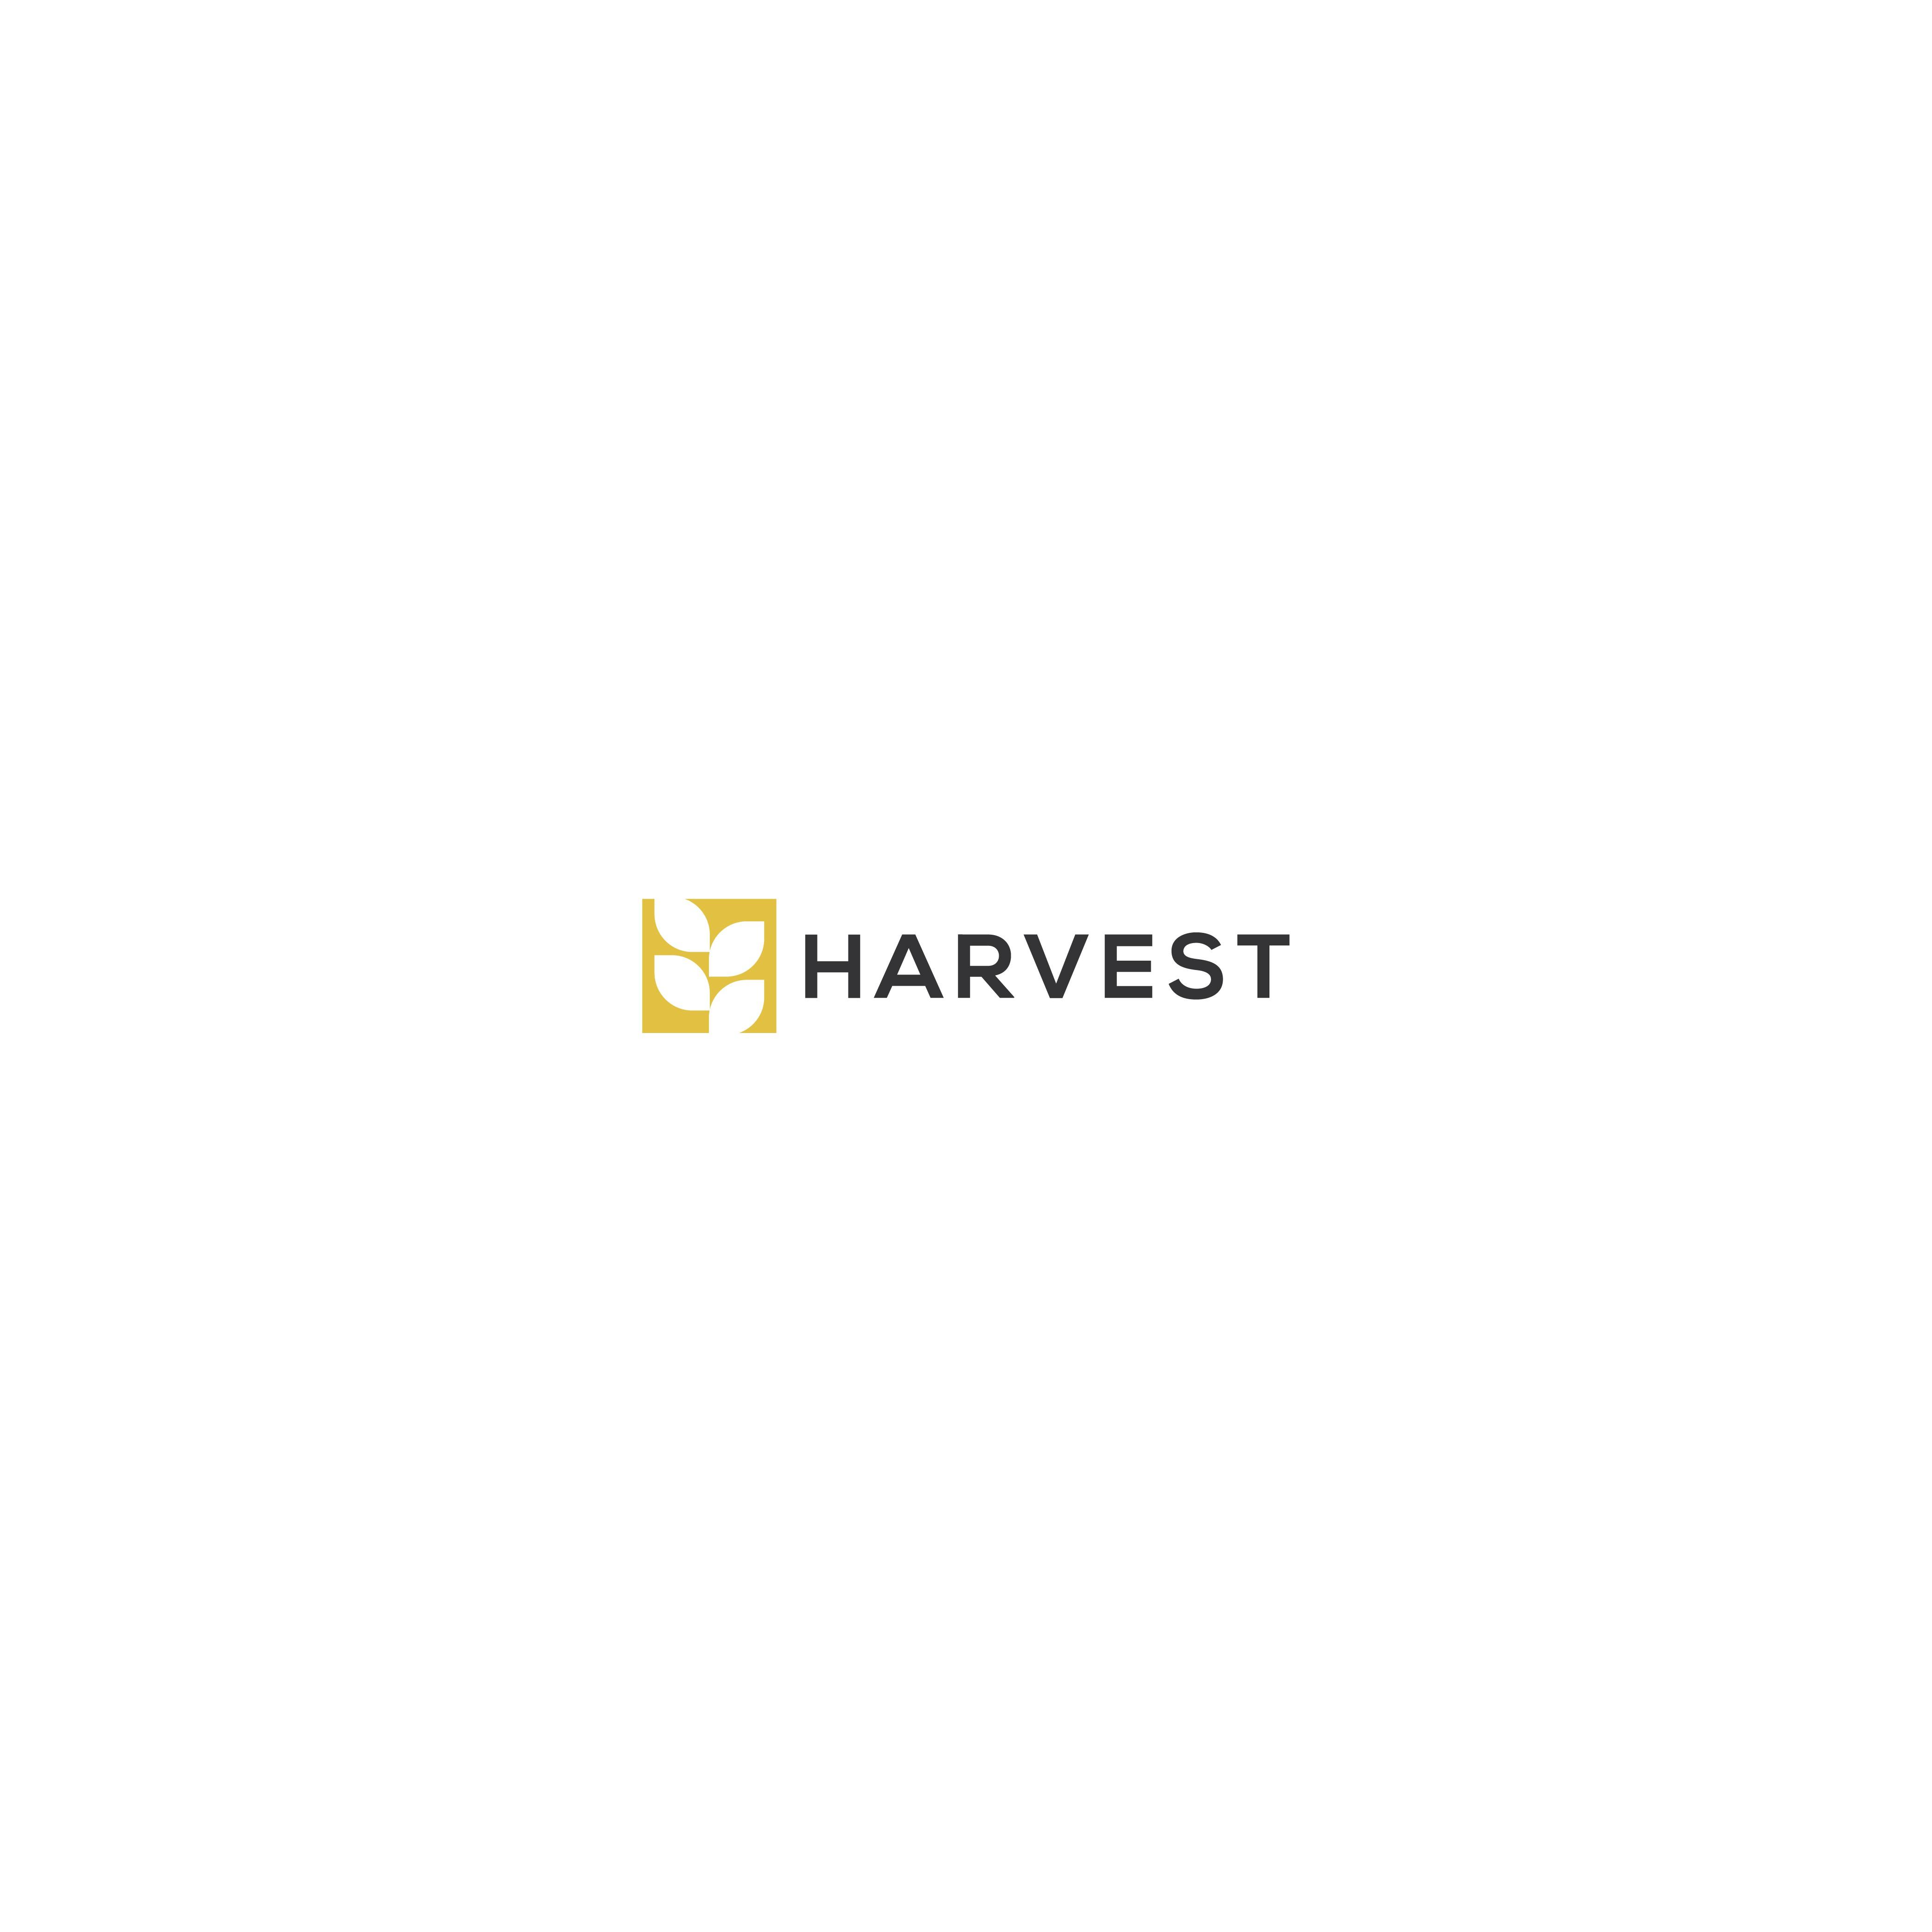 Harvest real estate design.